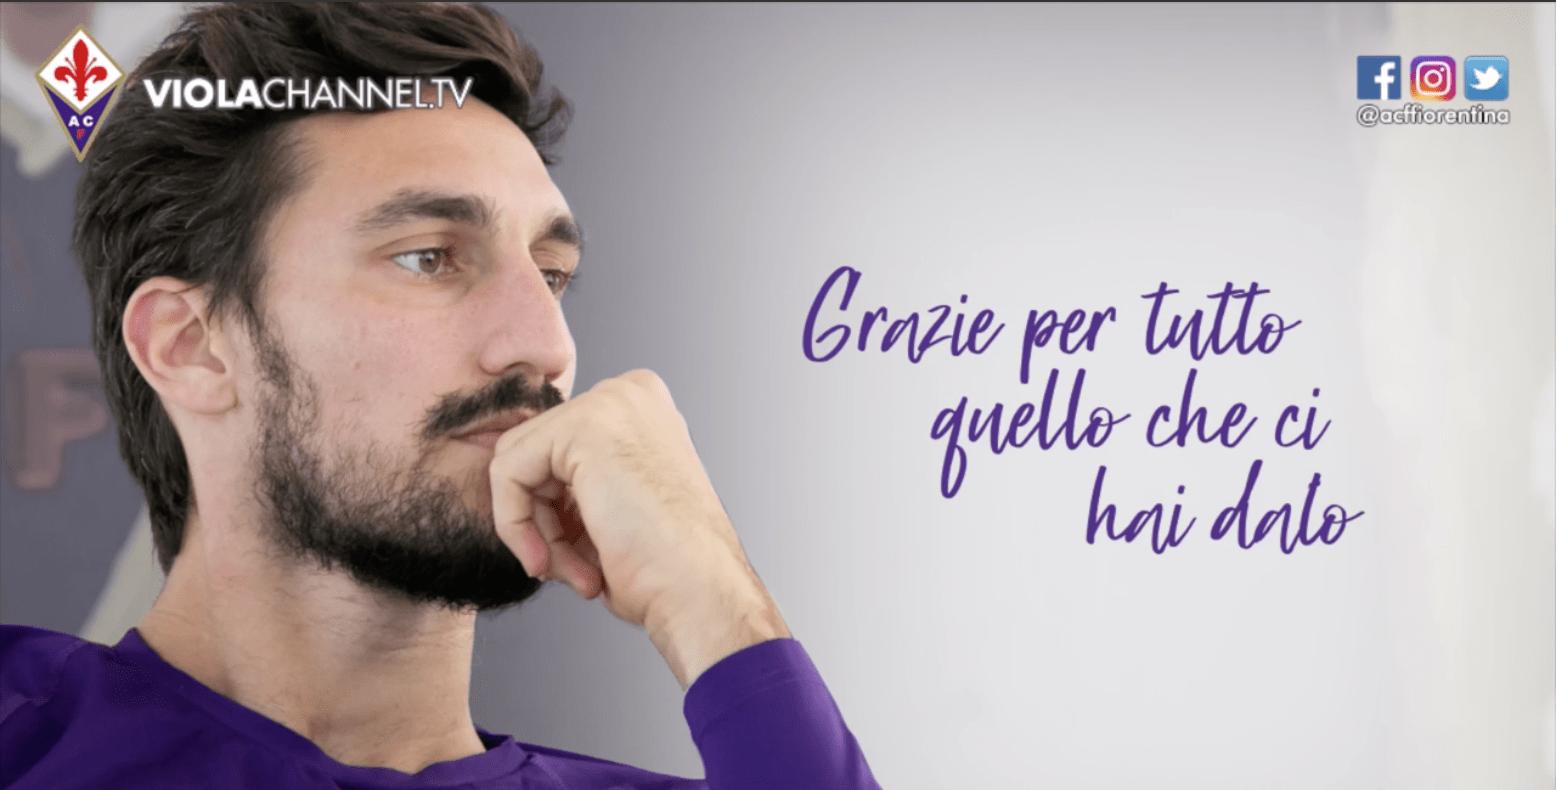 Jovanotti, la dedica per Davide Astori: 'Di fronte all'impensabile non ci sono parole giuste'